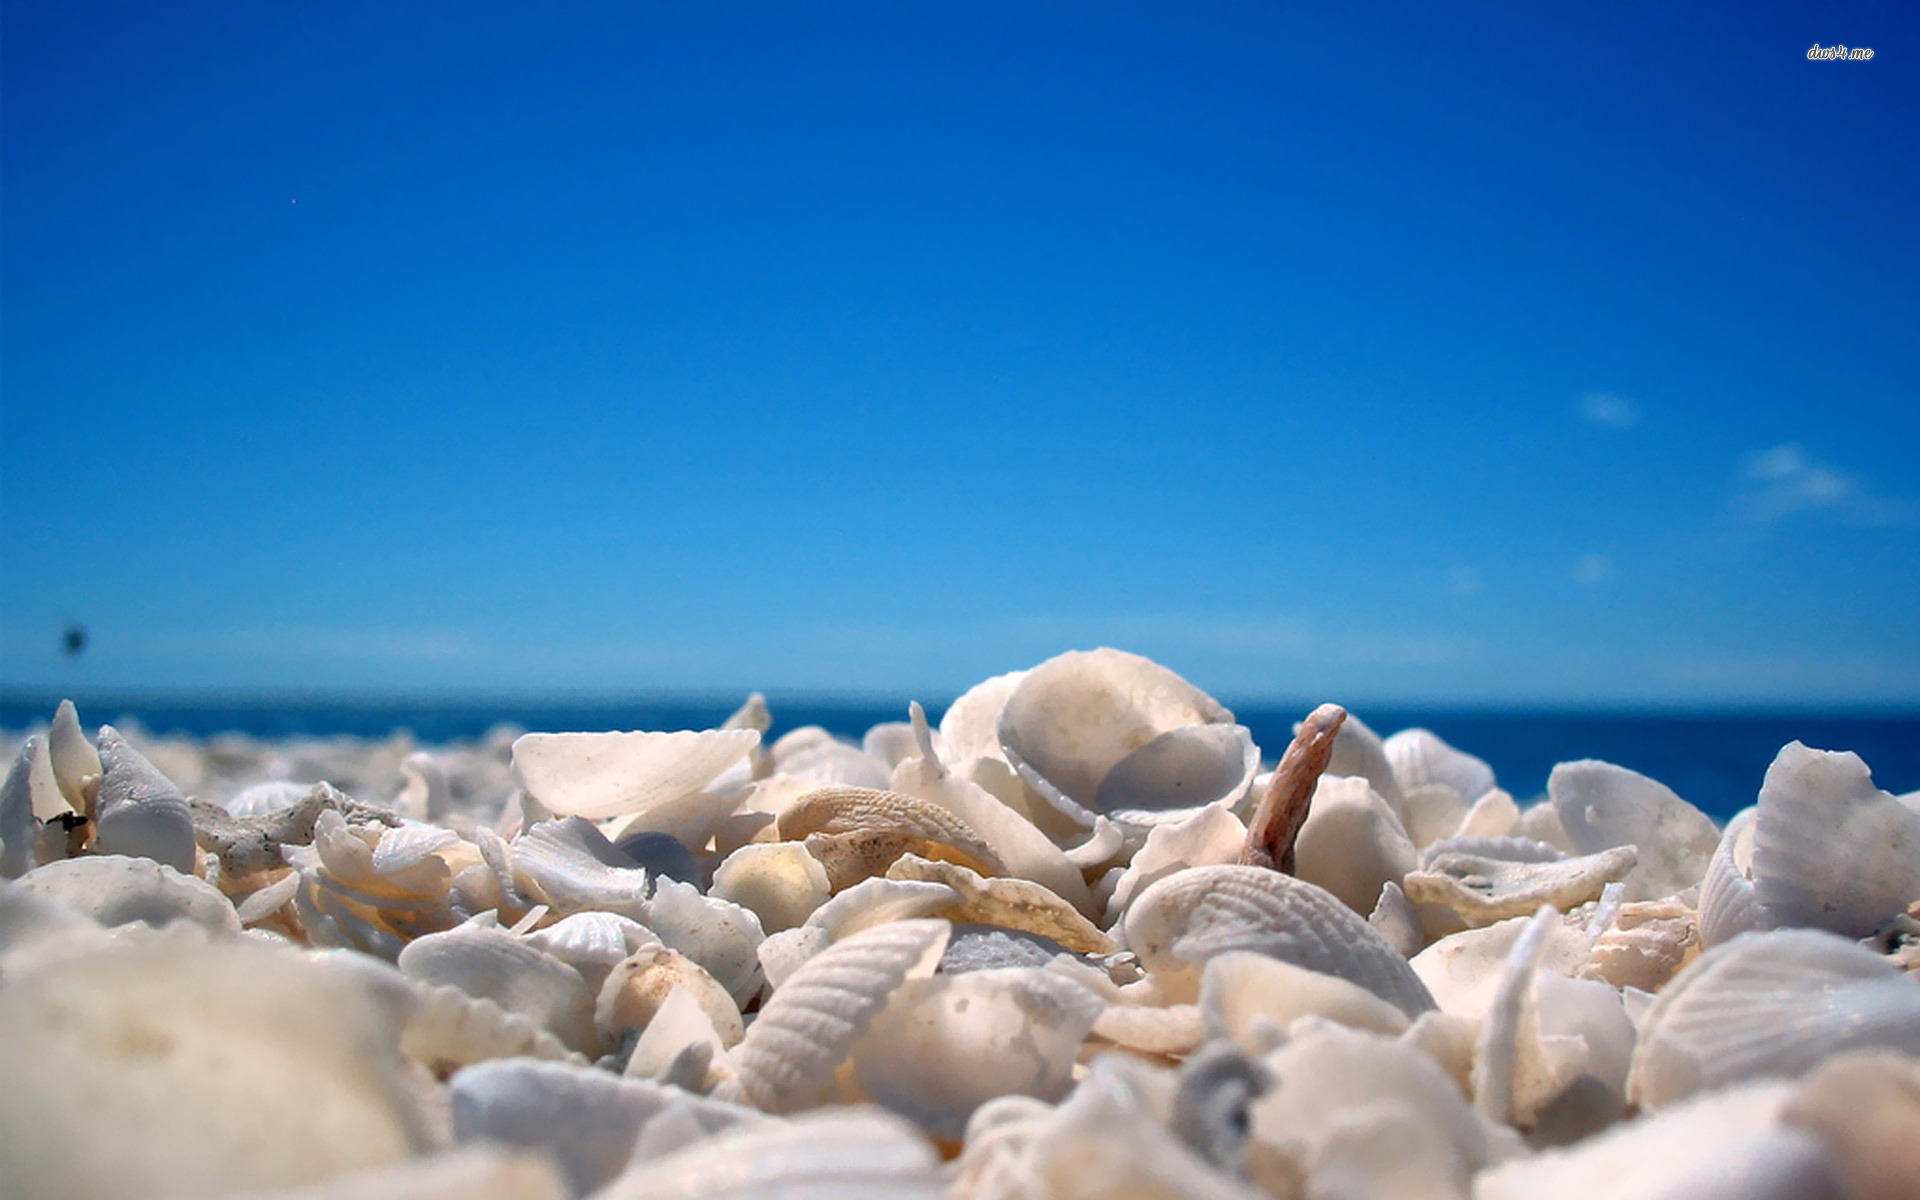 Shells Wallpaper